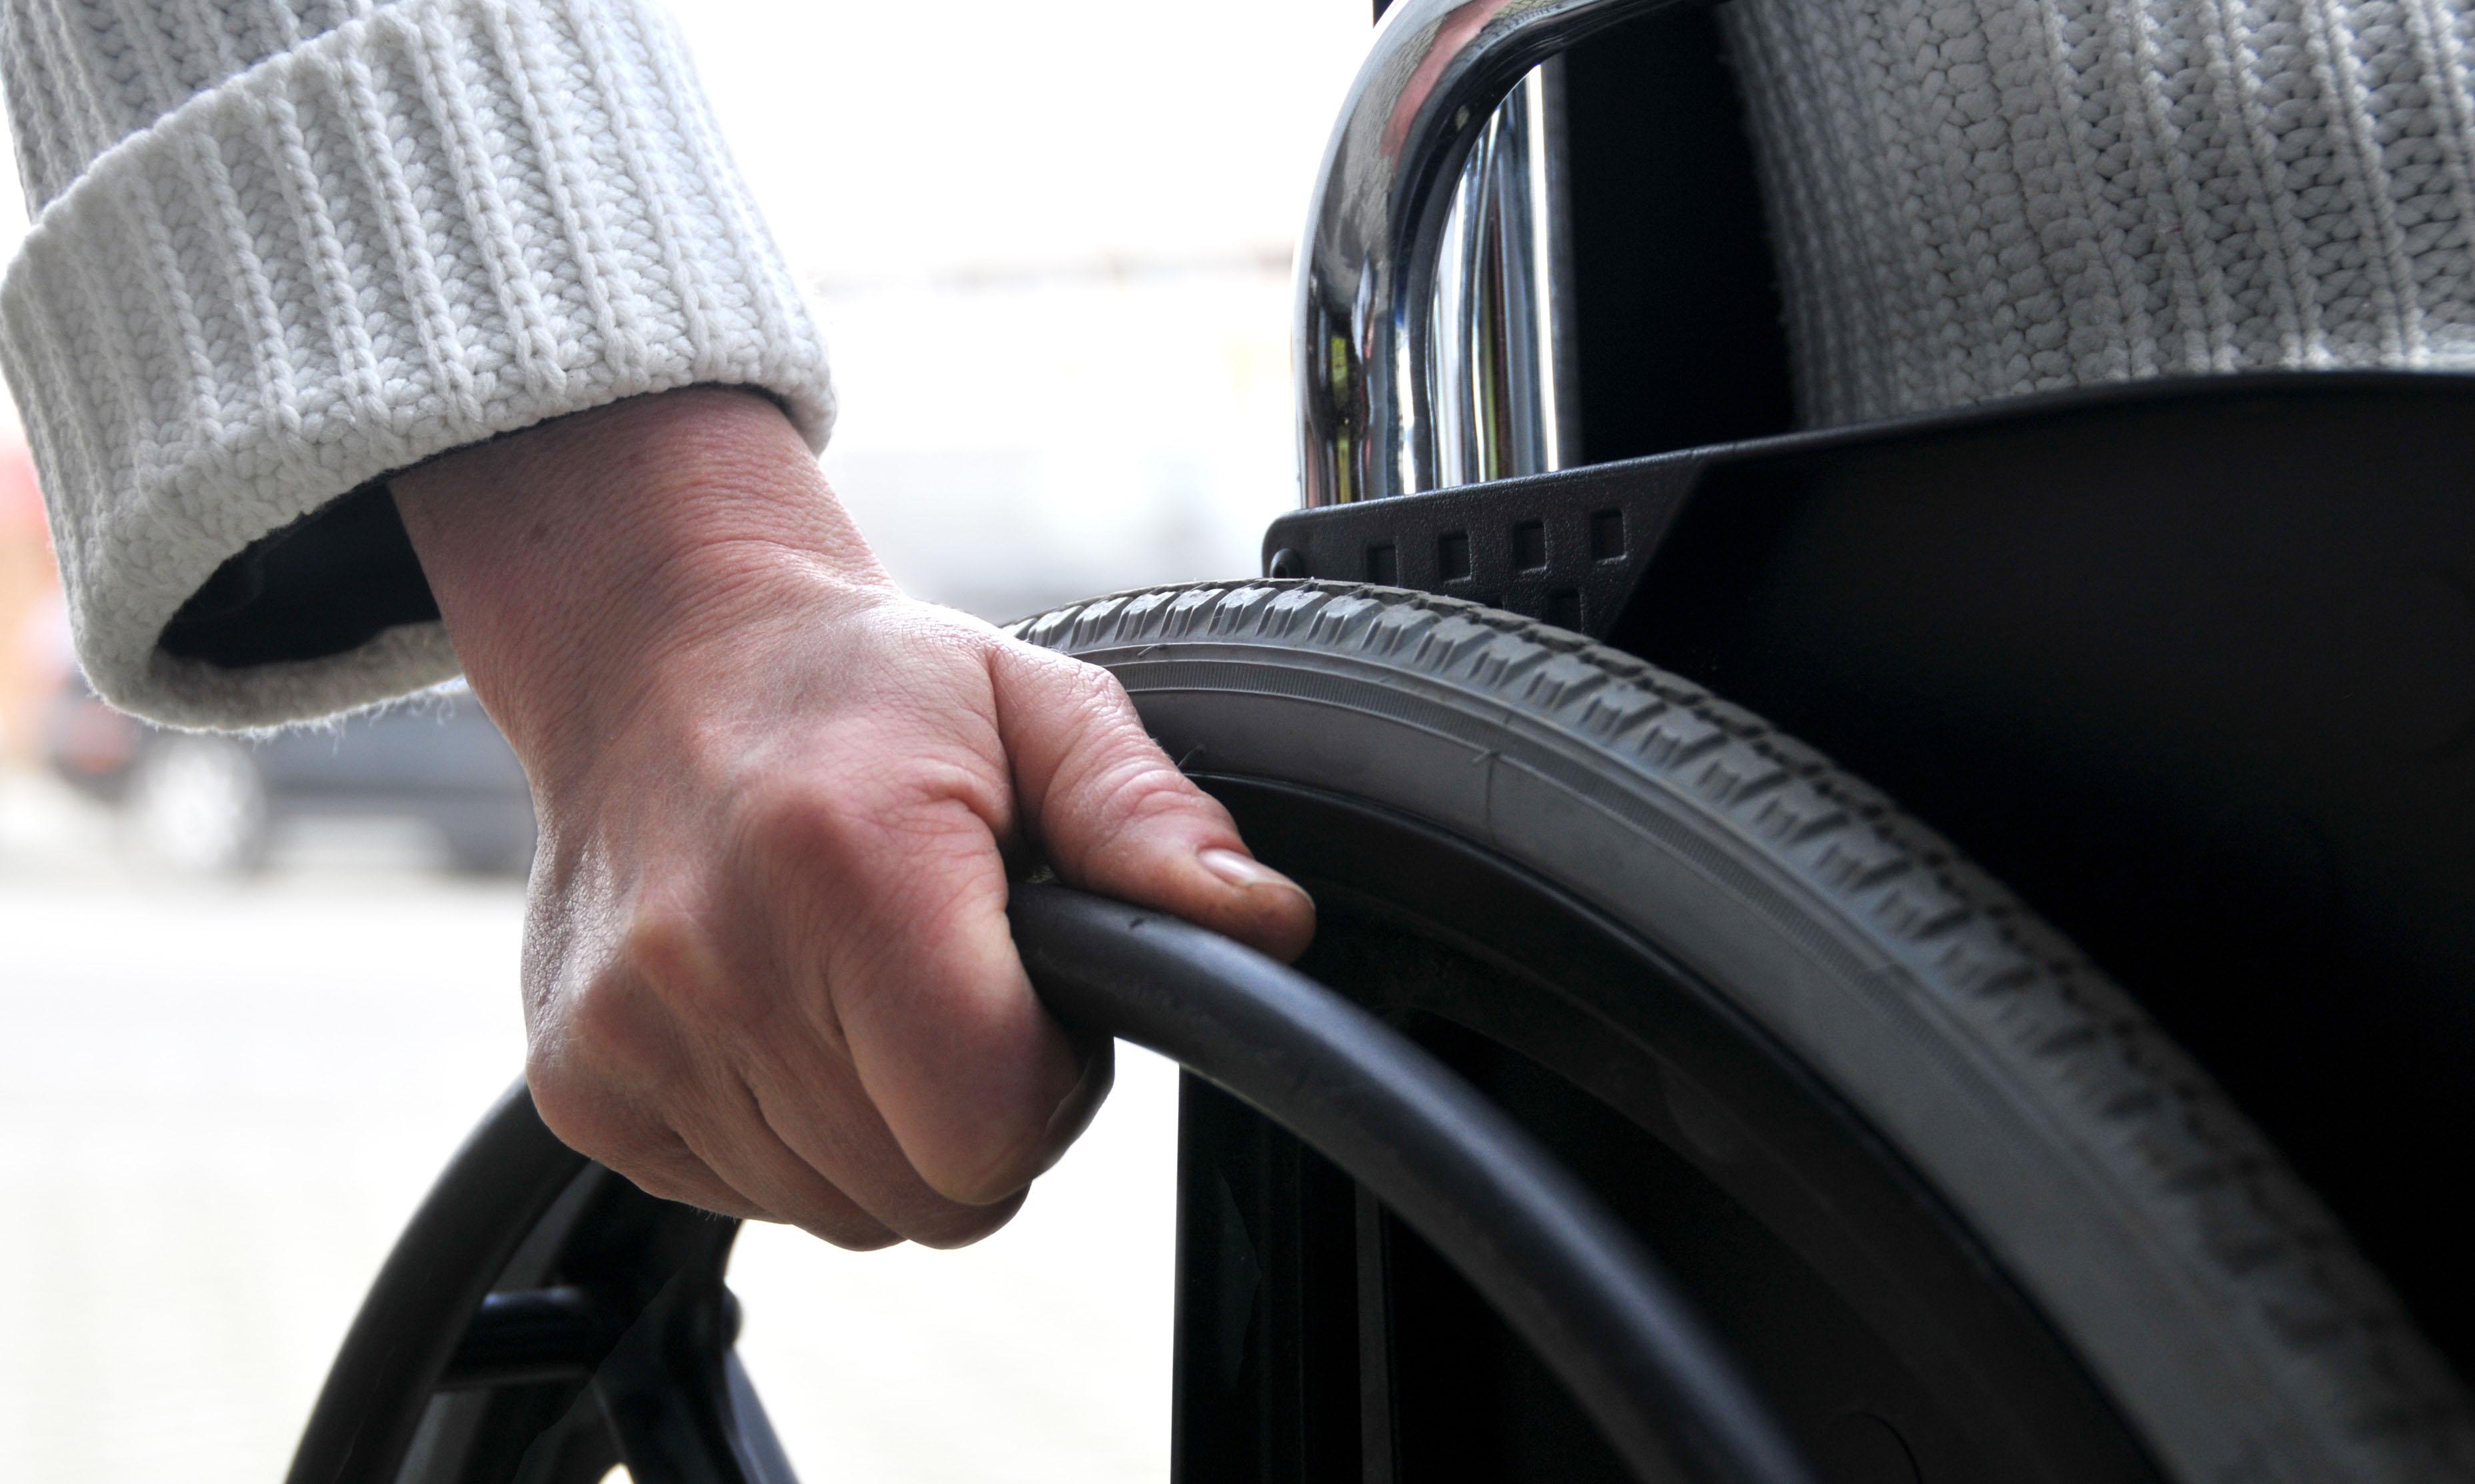 В Кишиневе мужчина-инвалид поджег себя